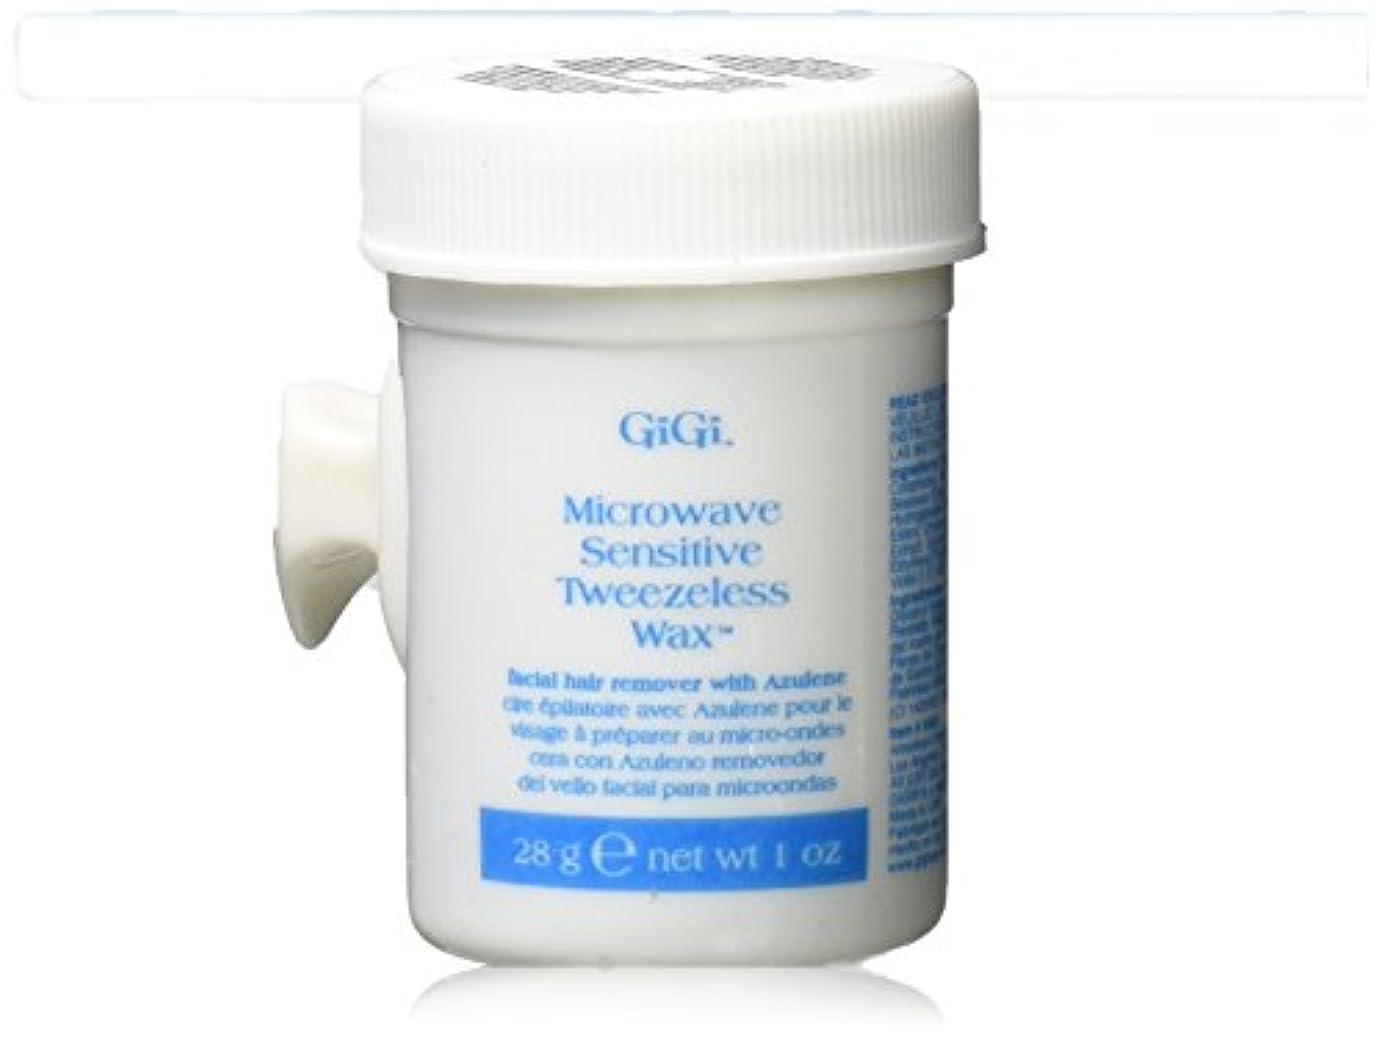 減るハント暗いGiGi 電子レンジTweezelessワックス、1オンス 1オンス